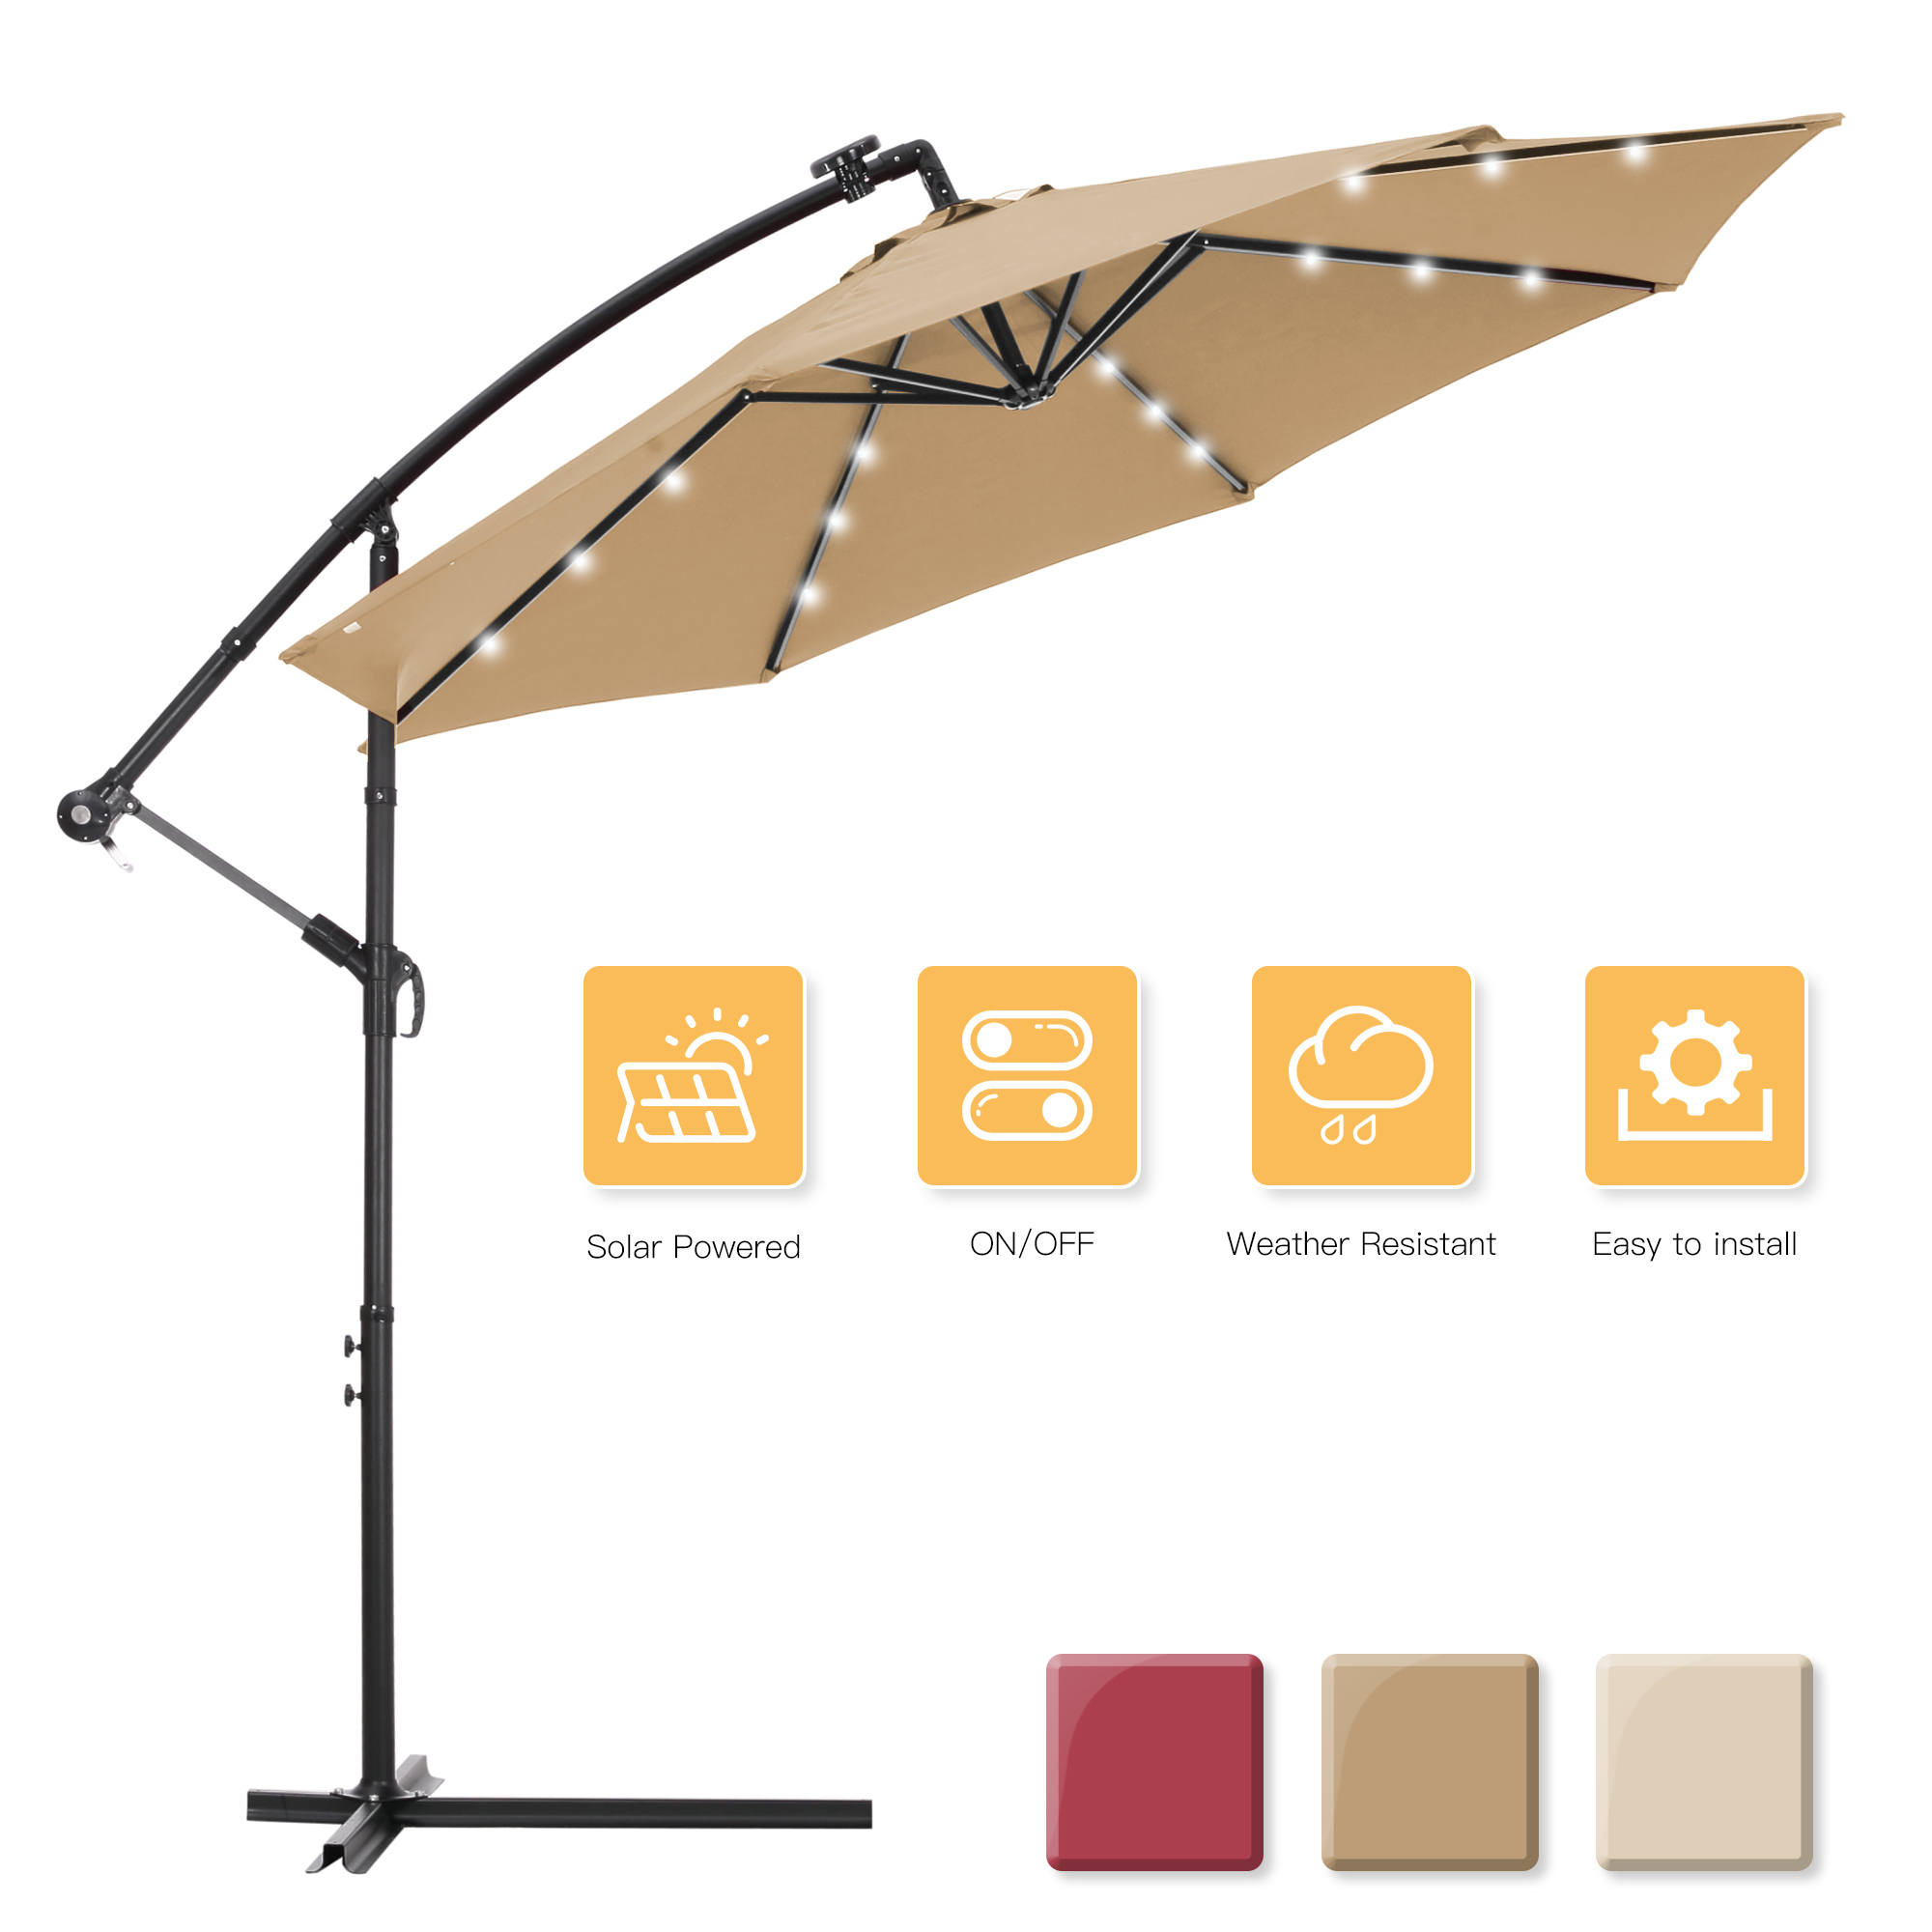 10 ft solar powered led patio outdoor umbrella offset umbrella cantilever umbrella hanging market umbrella outdoor umbrellas with crank cross bases